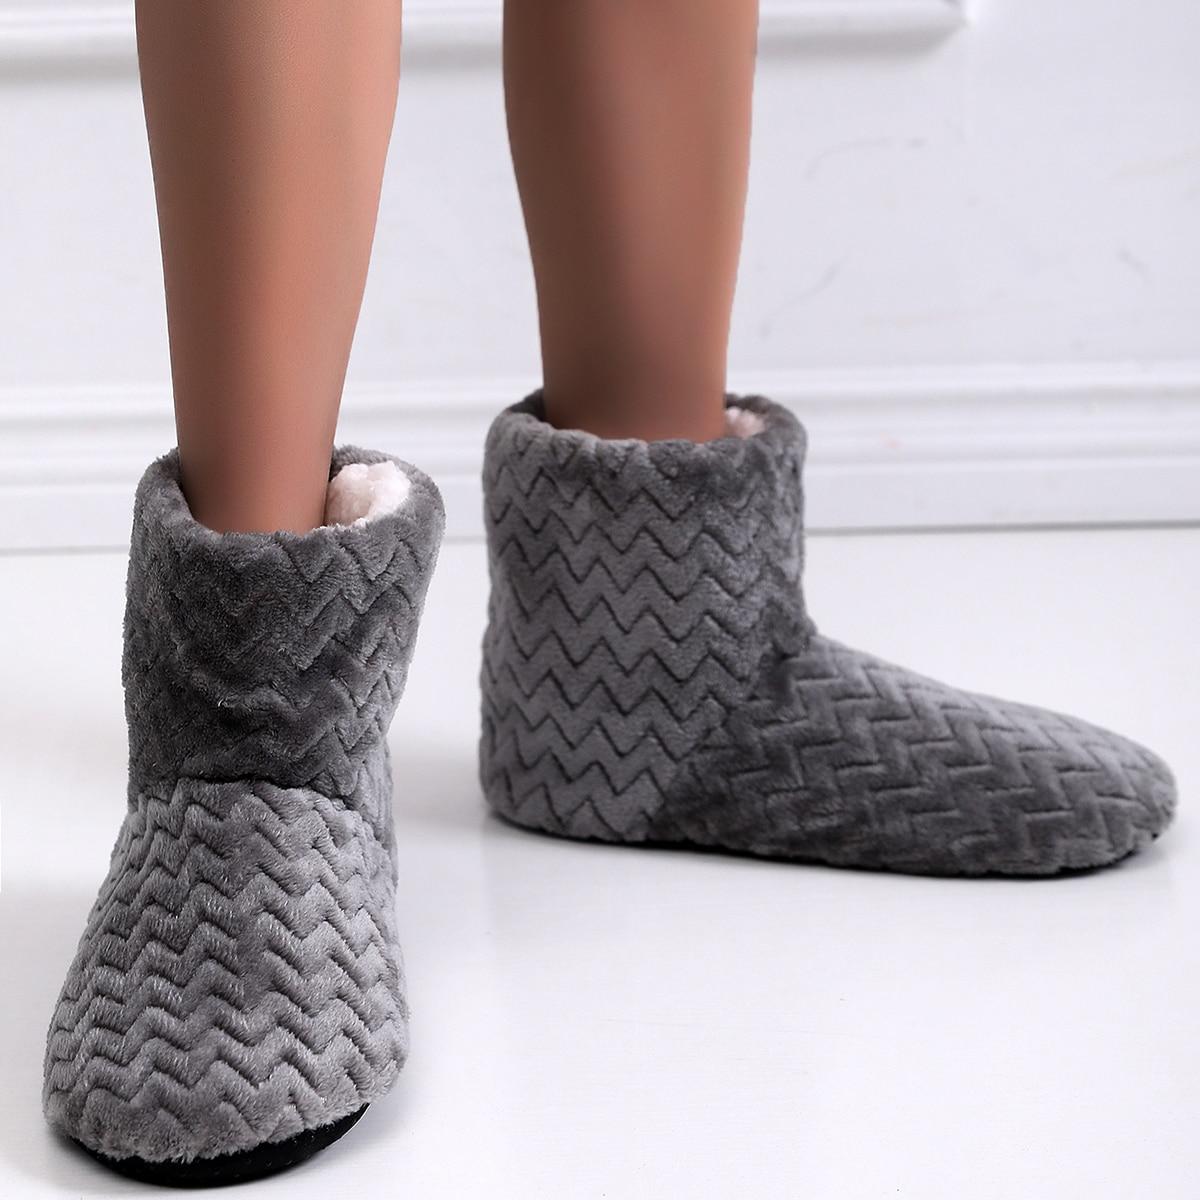 Сапоги-тапочки на плюшевой подкладке SheIn swshoes18201214982